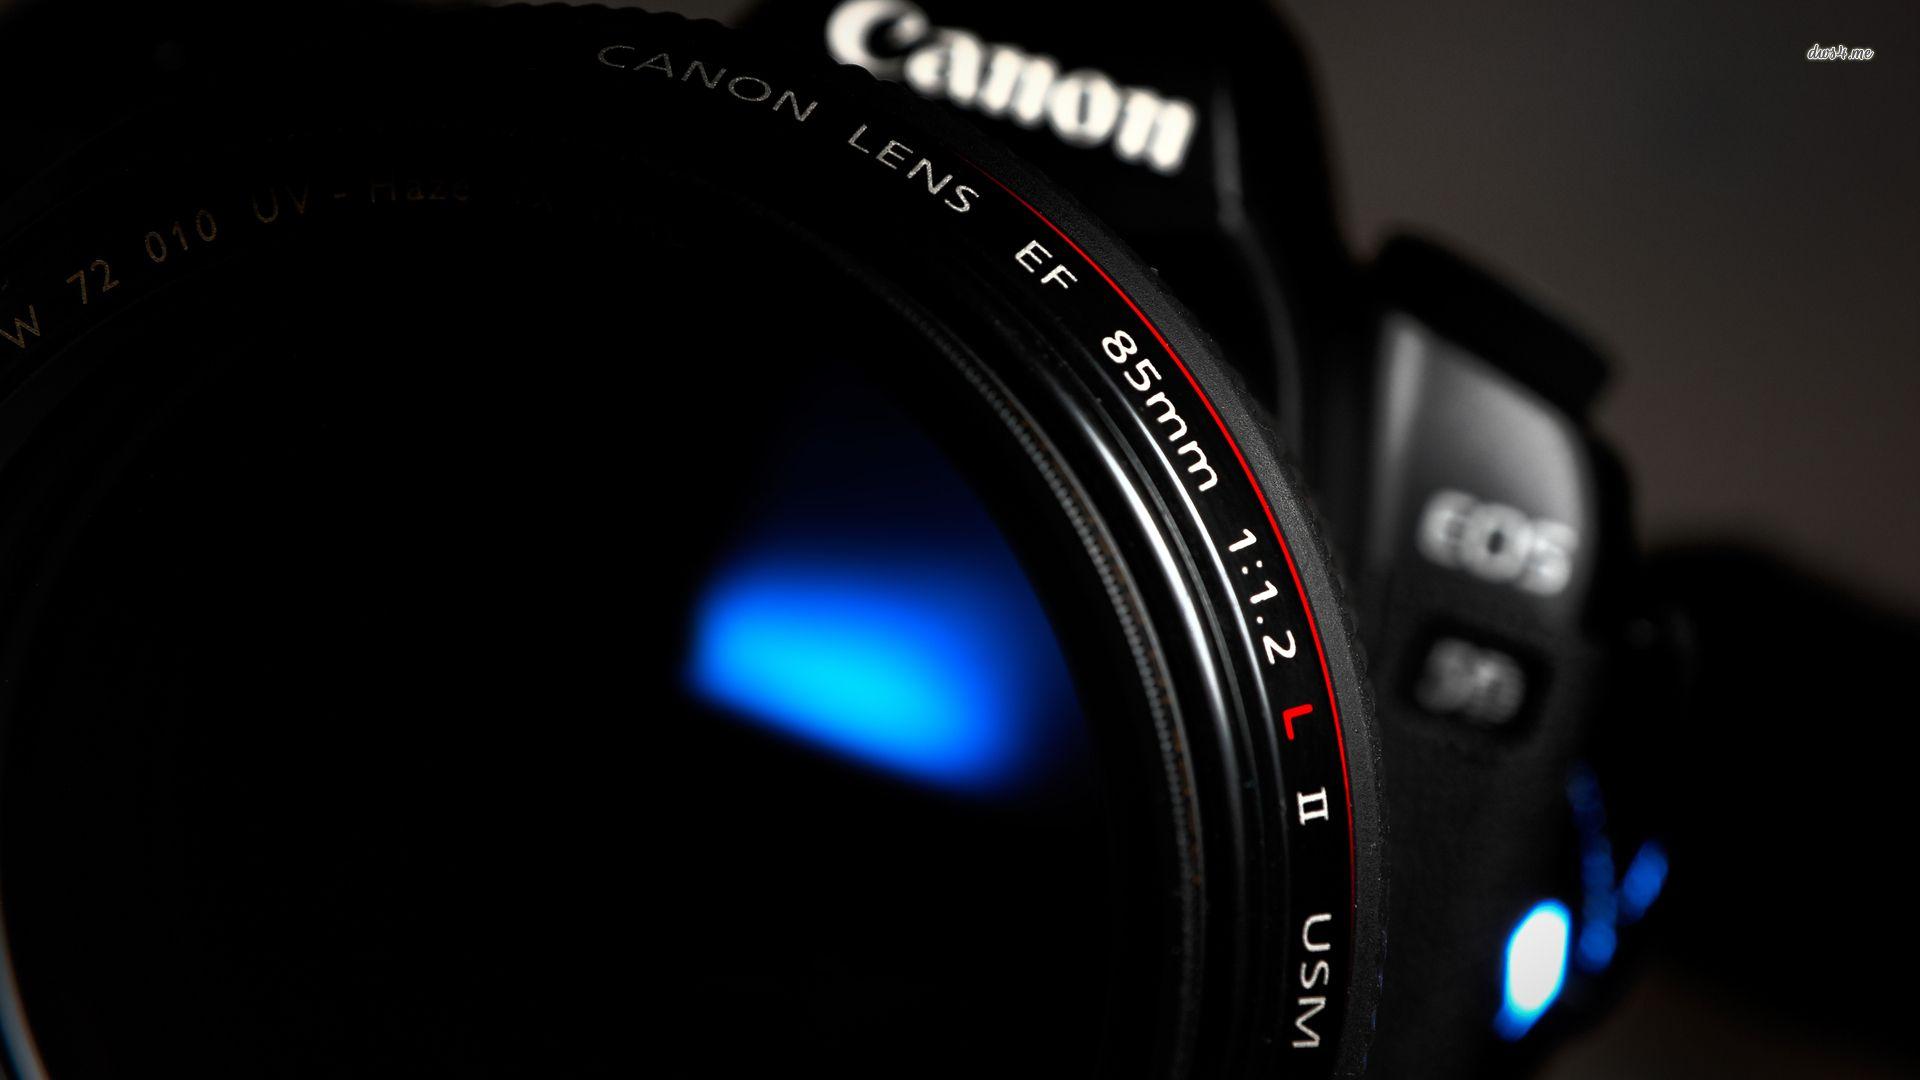 Canon Camera Wallpaper Dslr